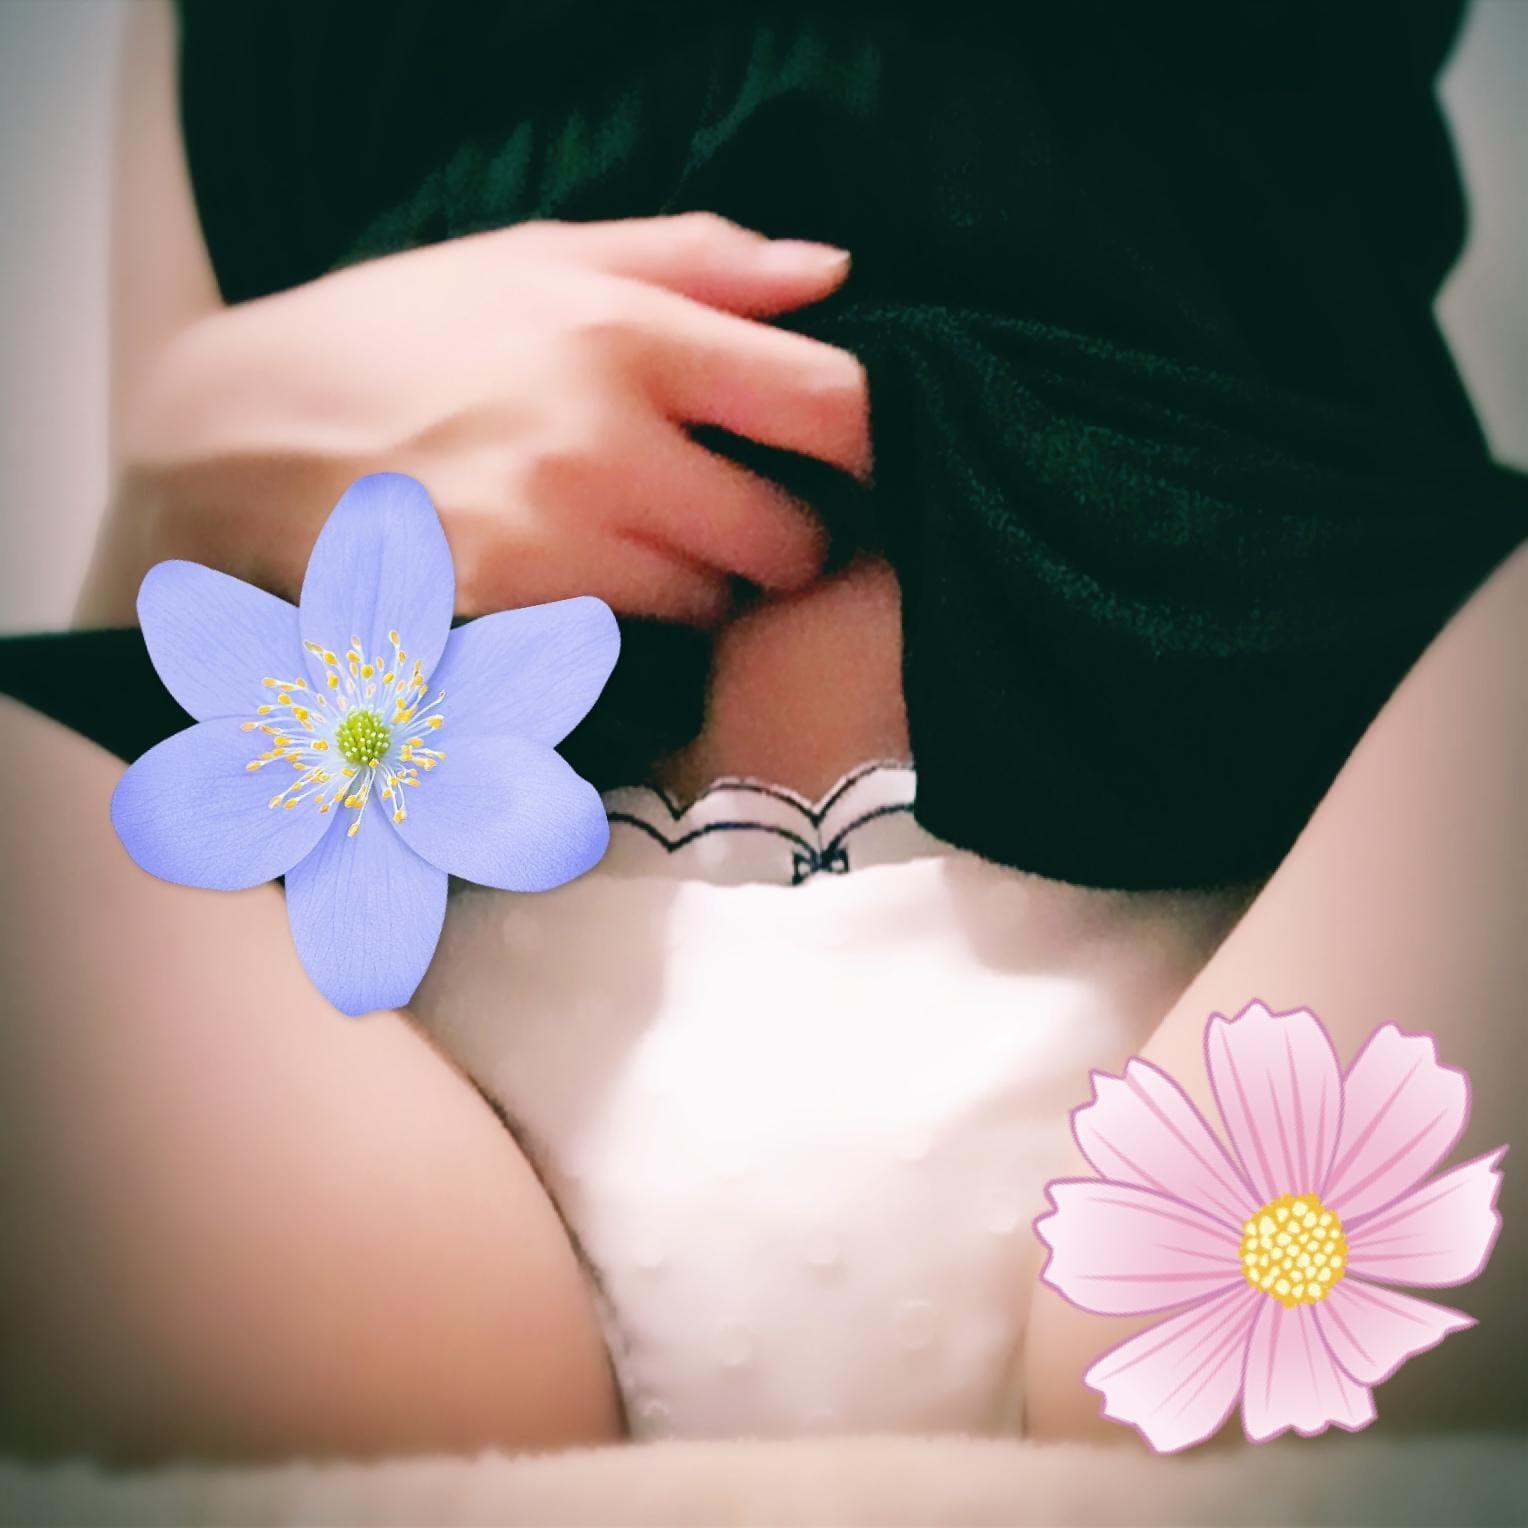 「5時まで」09/03(09/03) 04:09   いずみの写メ・風俗動画